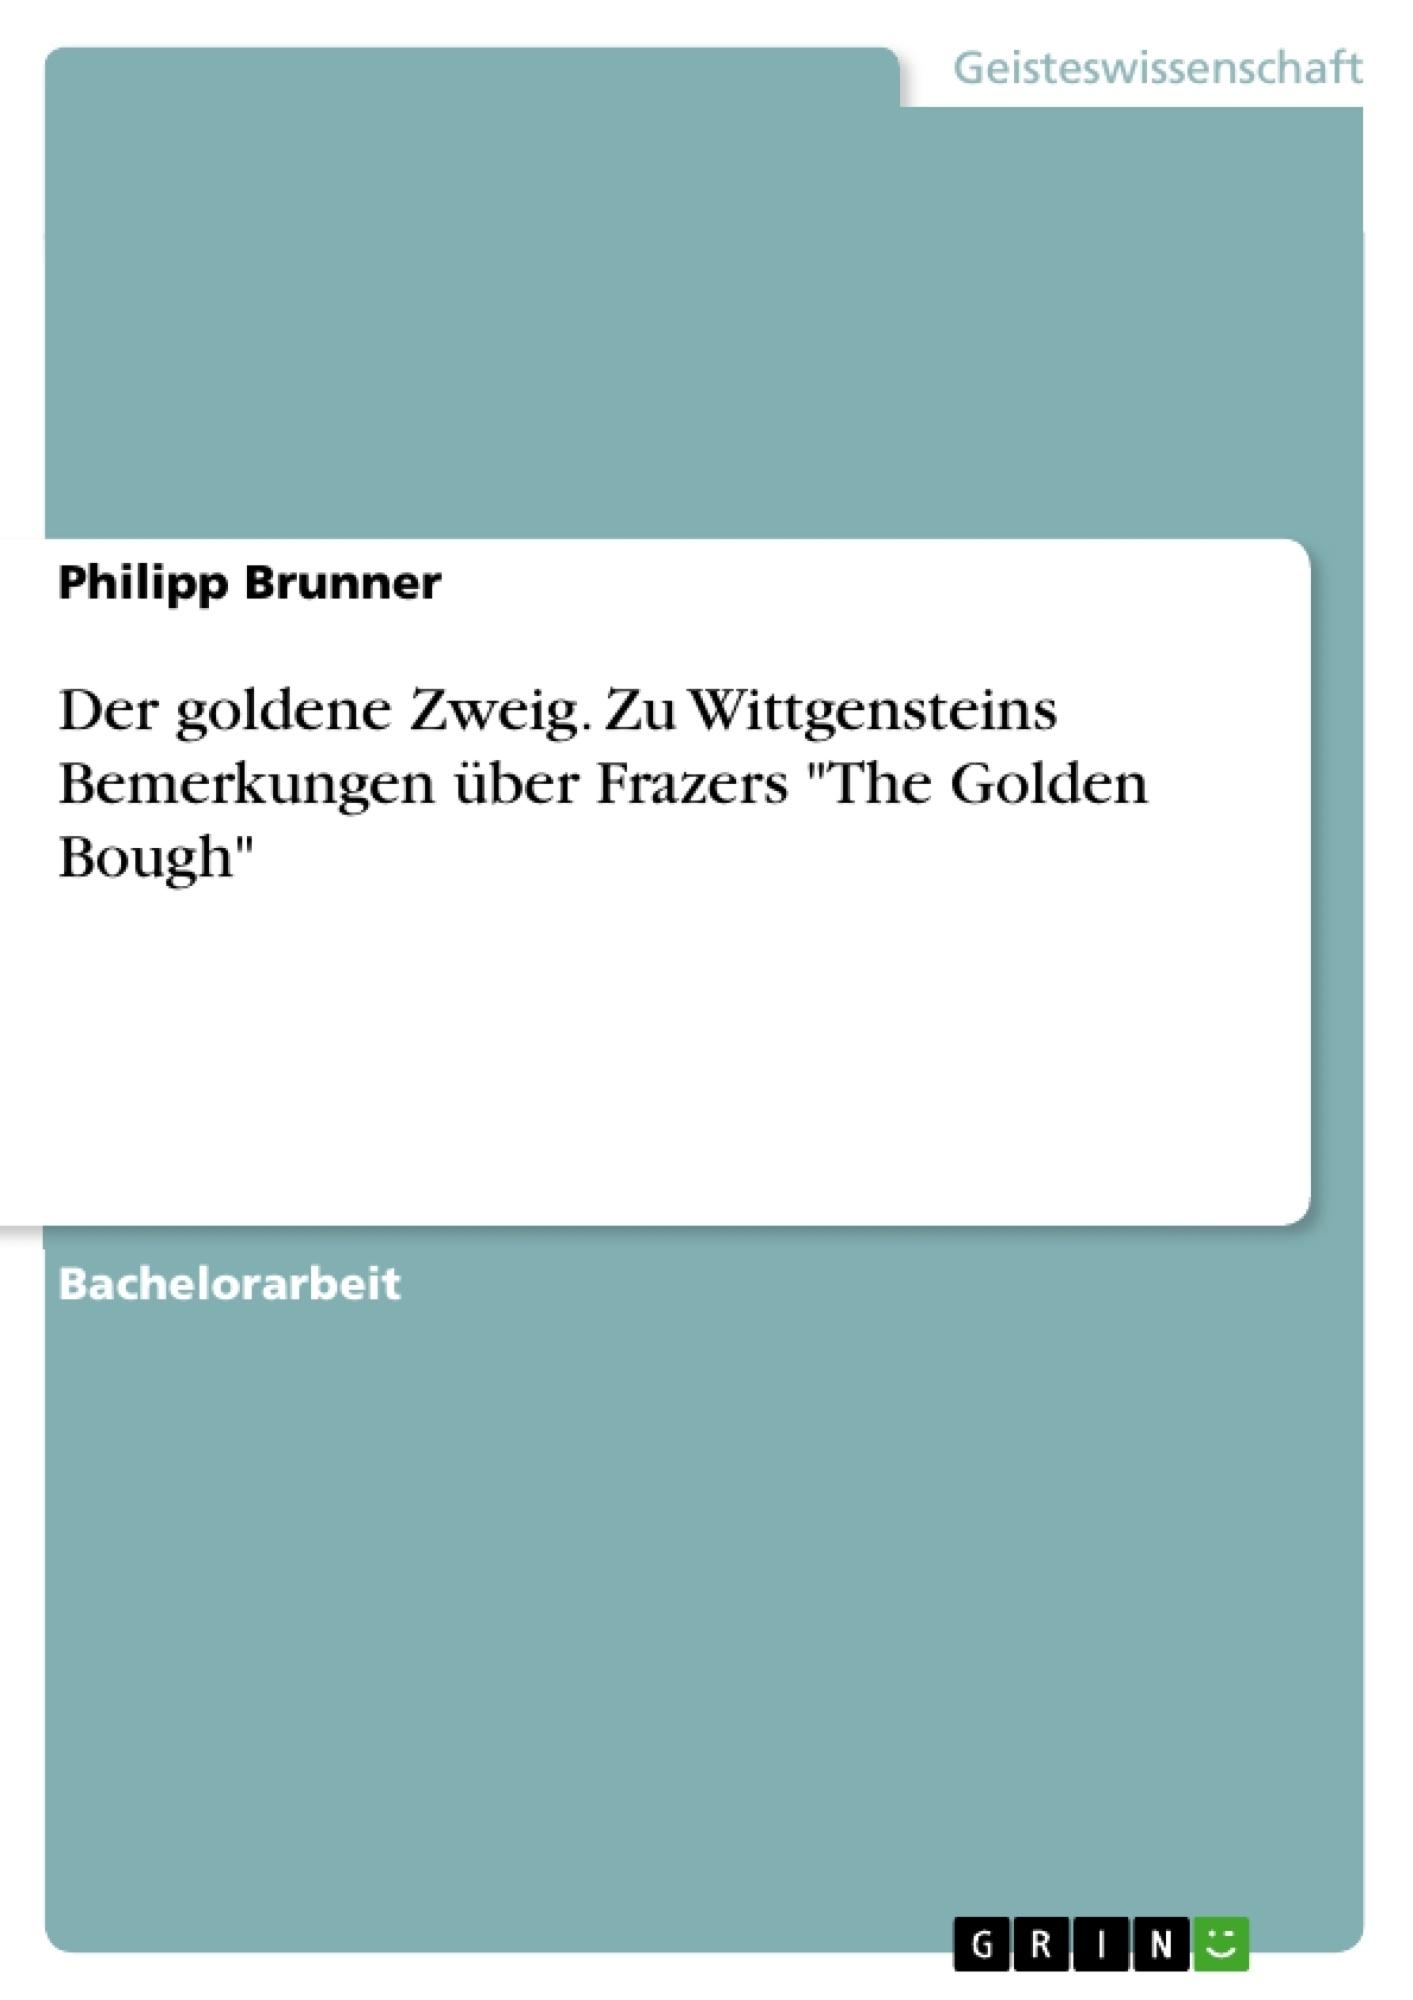 """Titel: Der goldene Zweig. Zu Wittgensteins Bemerkungen über Frazers """"The Golden Bough"""""""